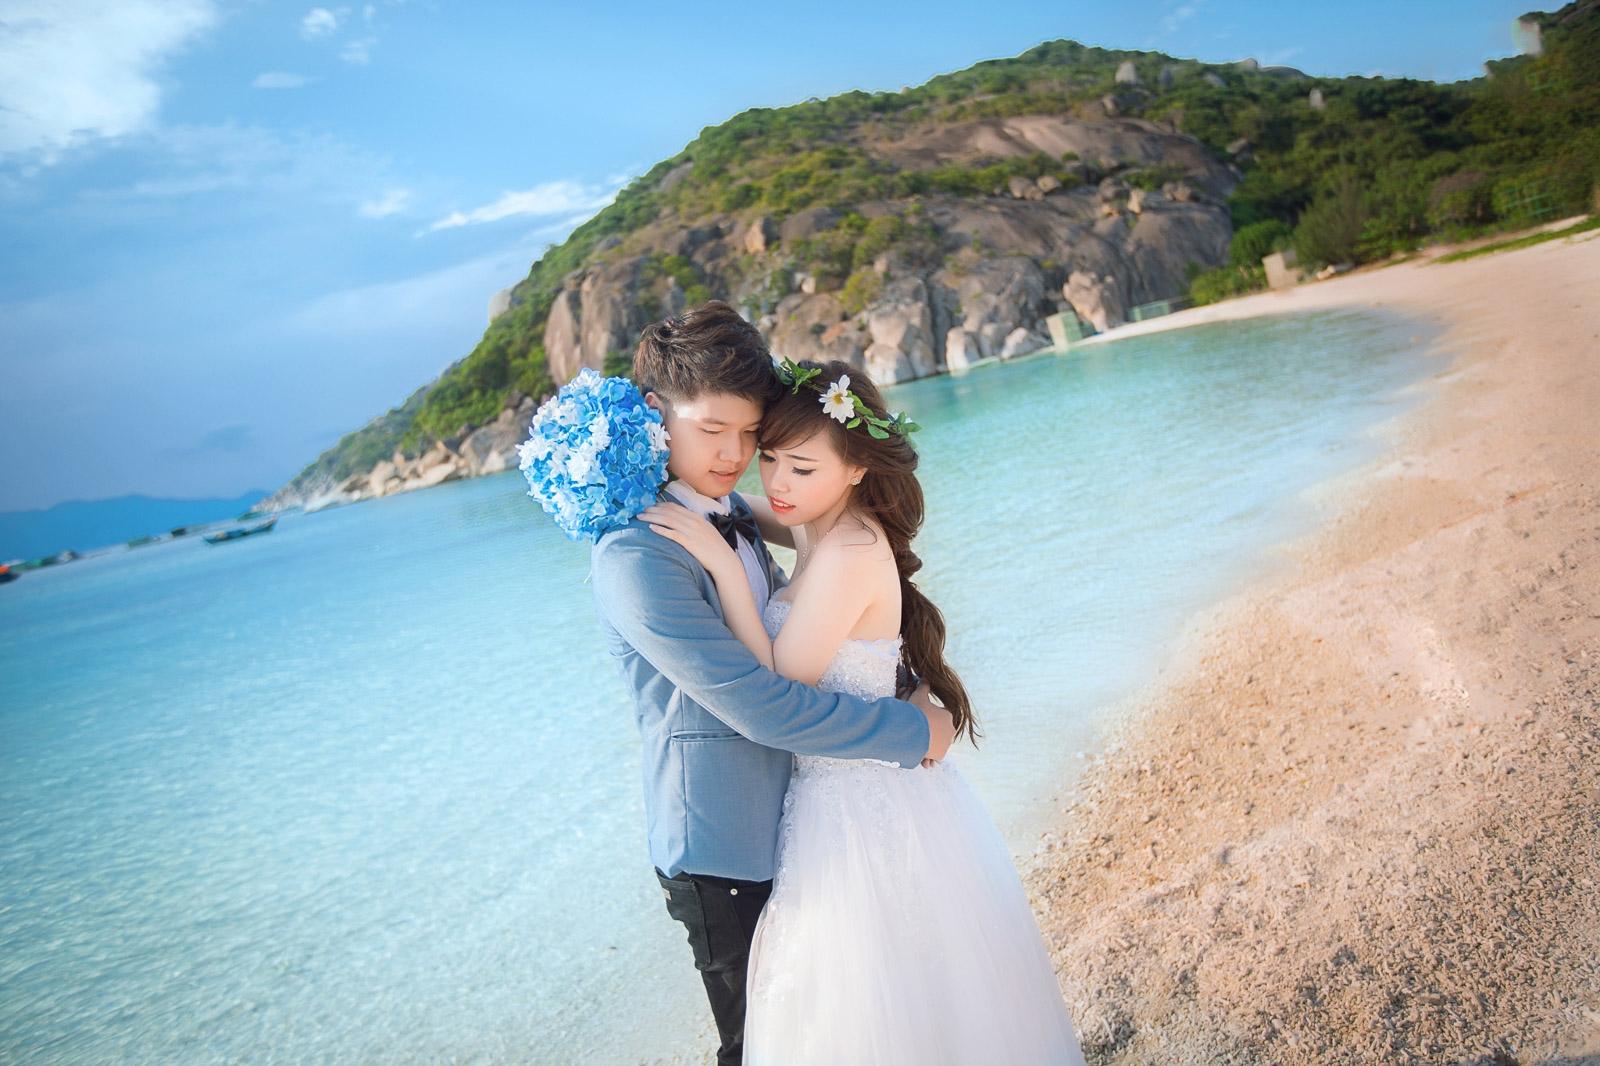 chụp ảnh cưới Nha Trang đẹp rẻ